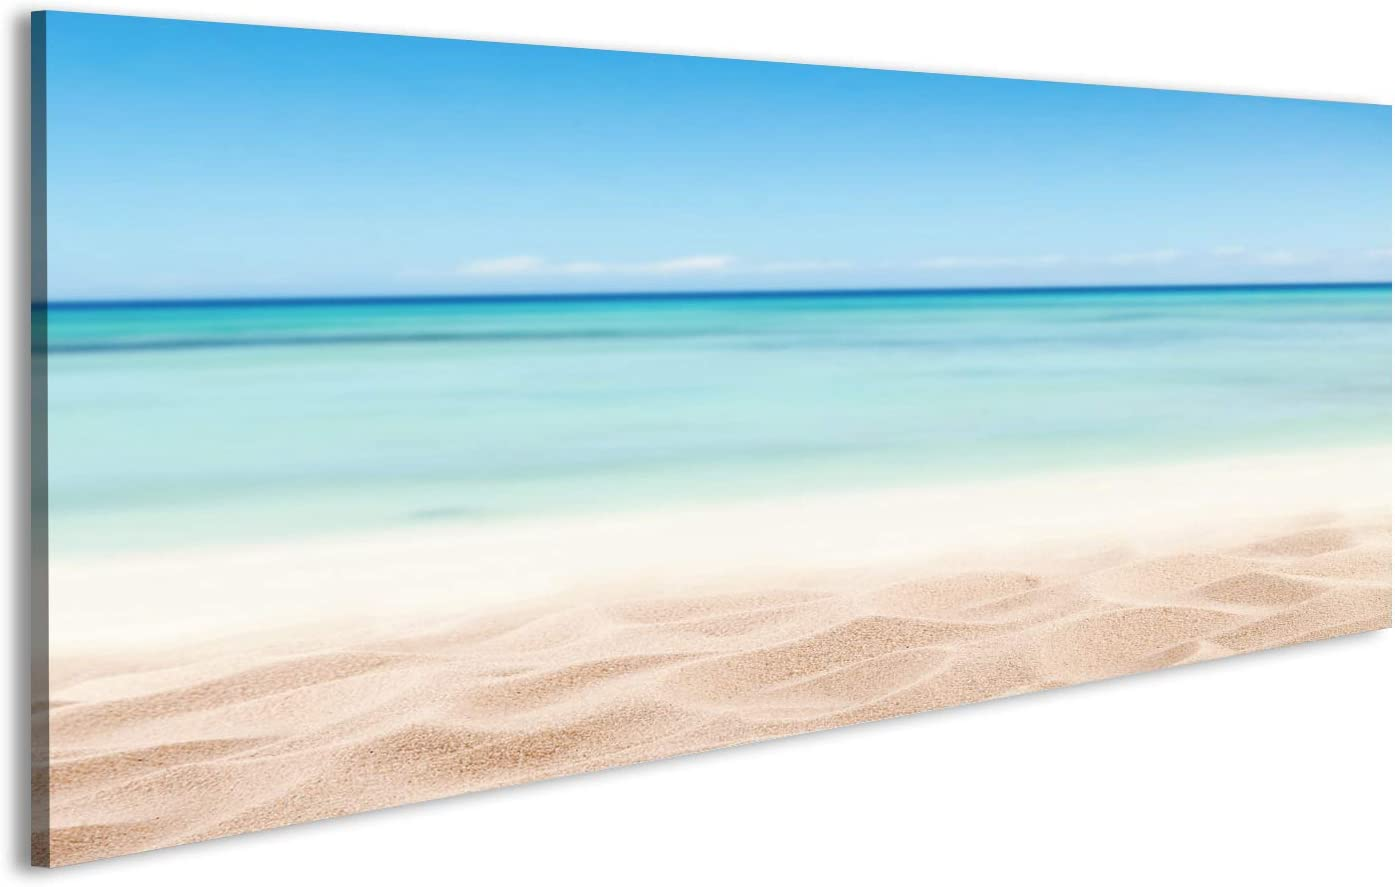 islandburner Cuadro Cuadros Playa de Arena vacío con el mar. Espacio Libre para el Texto o la colocación de Productos Impresión sobre Lienzo - Formato Grande - Cuadros Modernos ERV